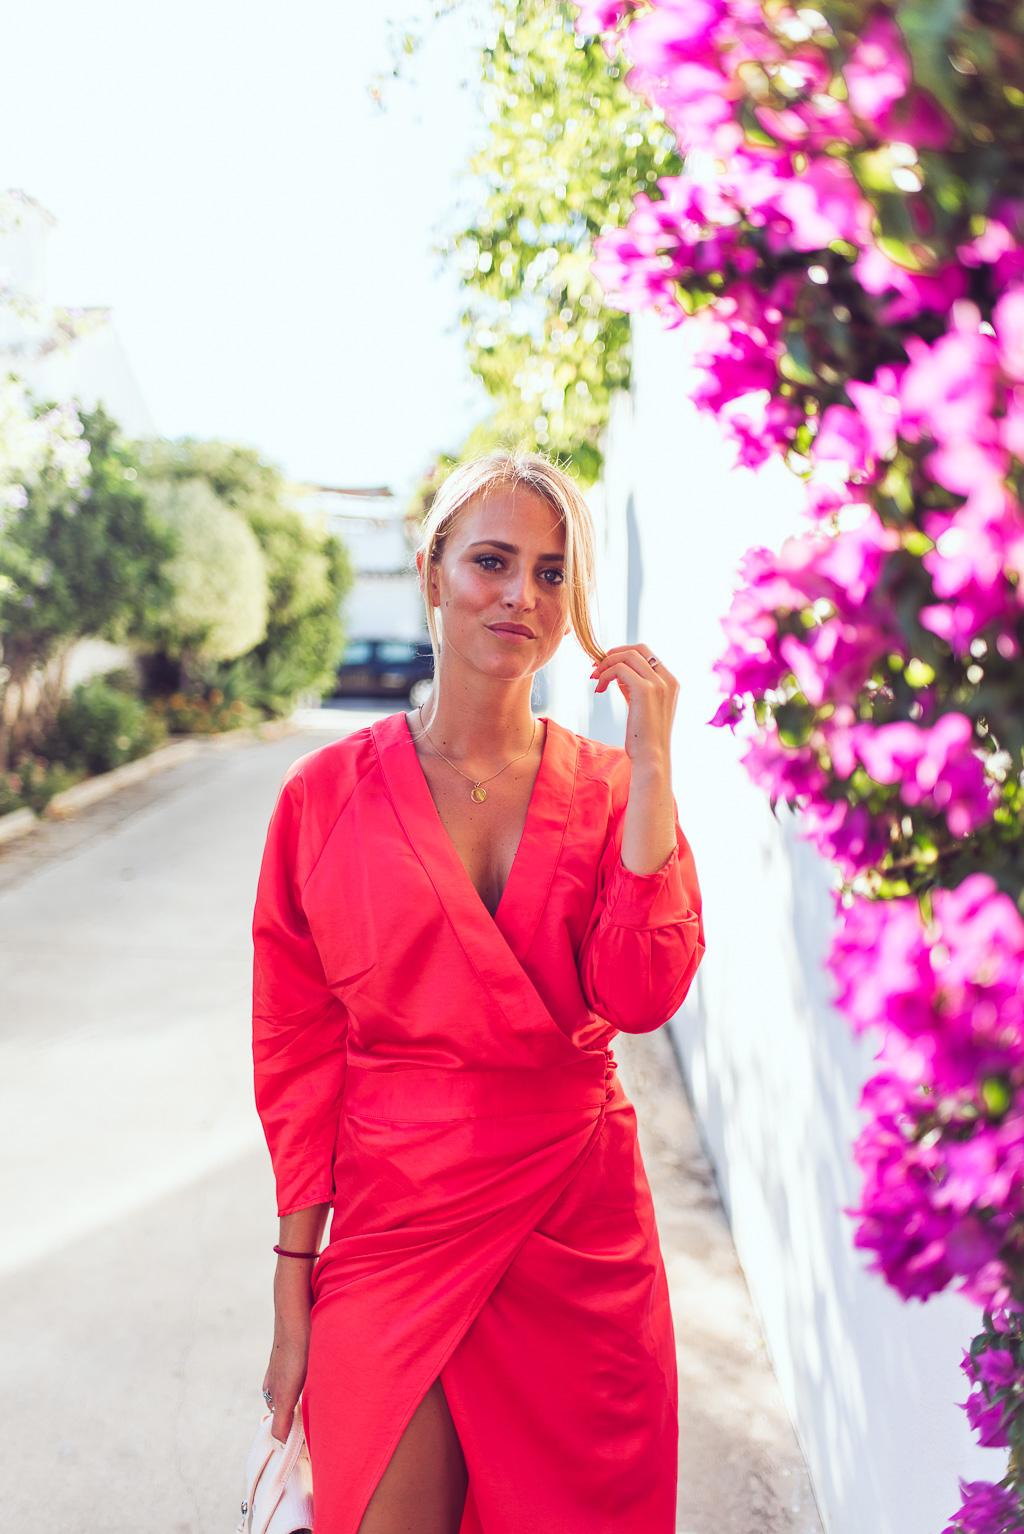 janni-deler-red-dressDSC_7854